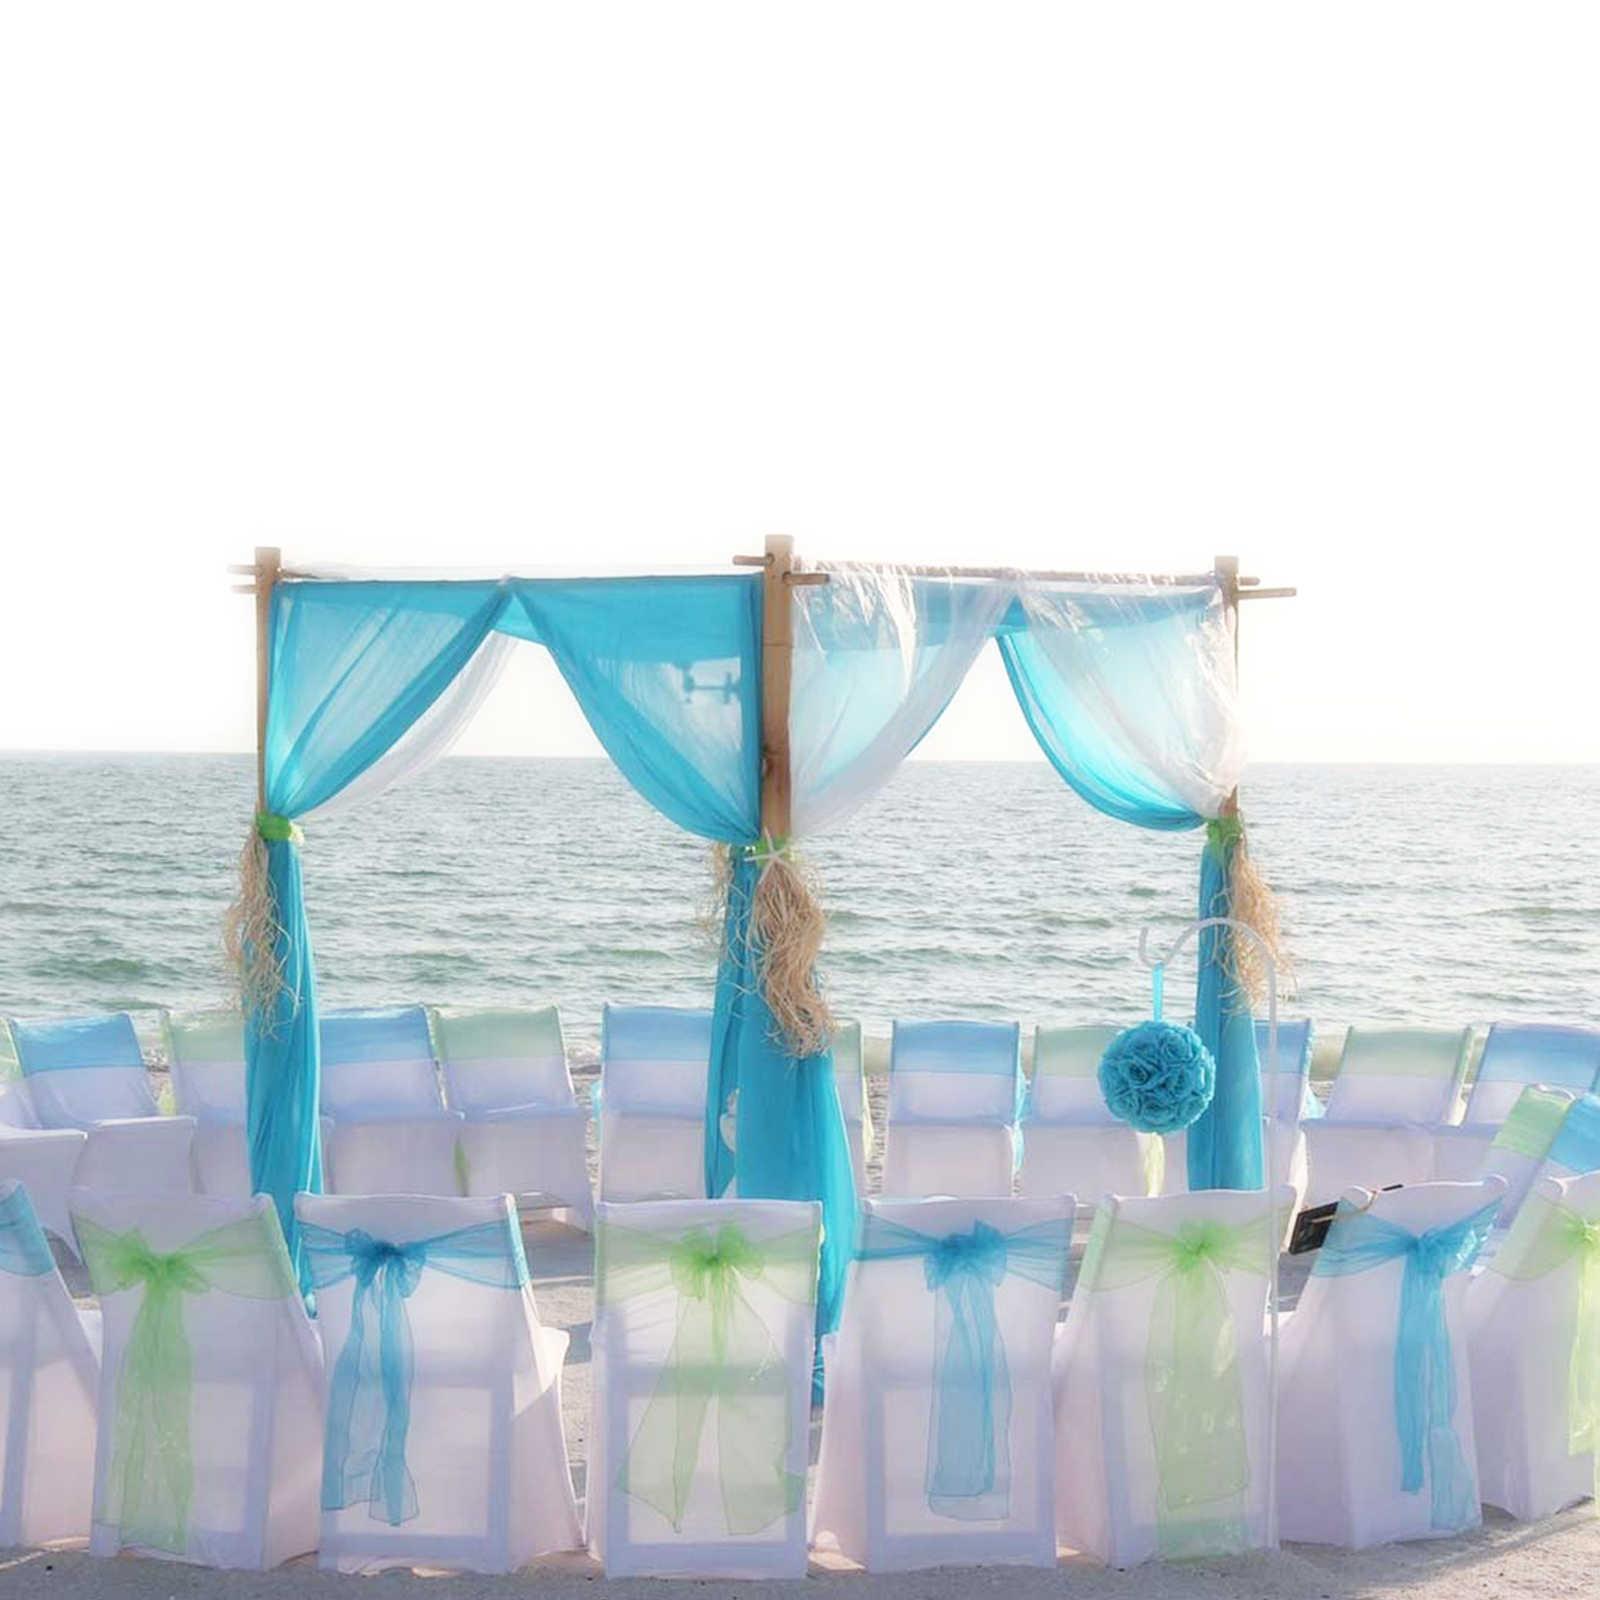 Дешевые чехлы с бантом для стула из органзы, свадебные украшения для рождественской вечеринки, событие банкет, изящная ткань органза